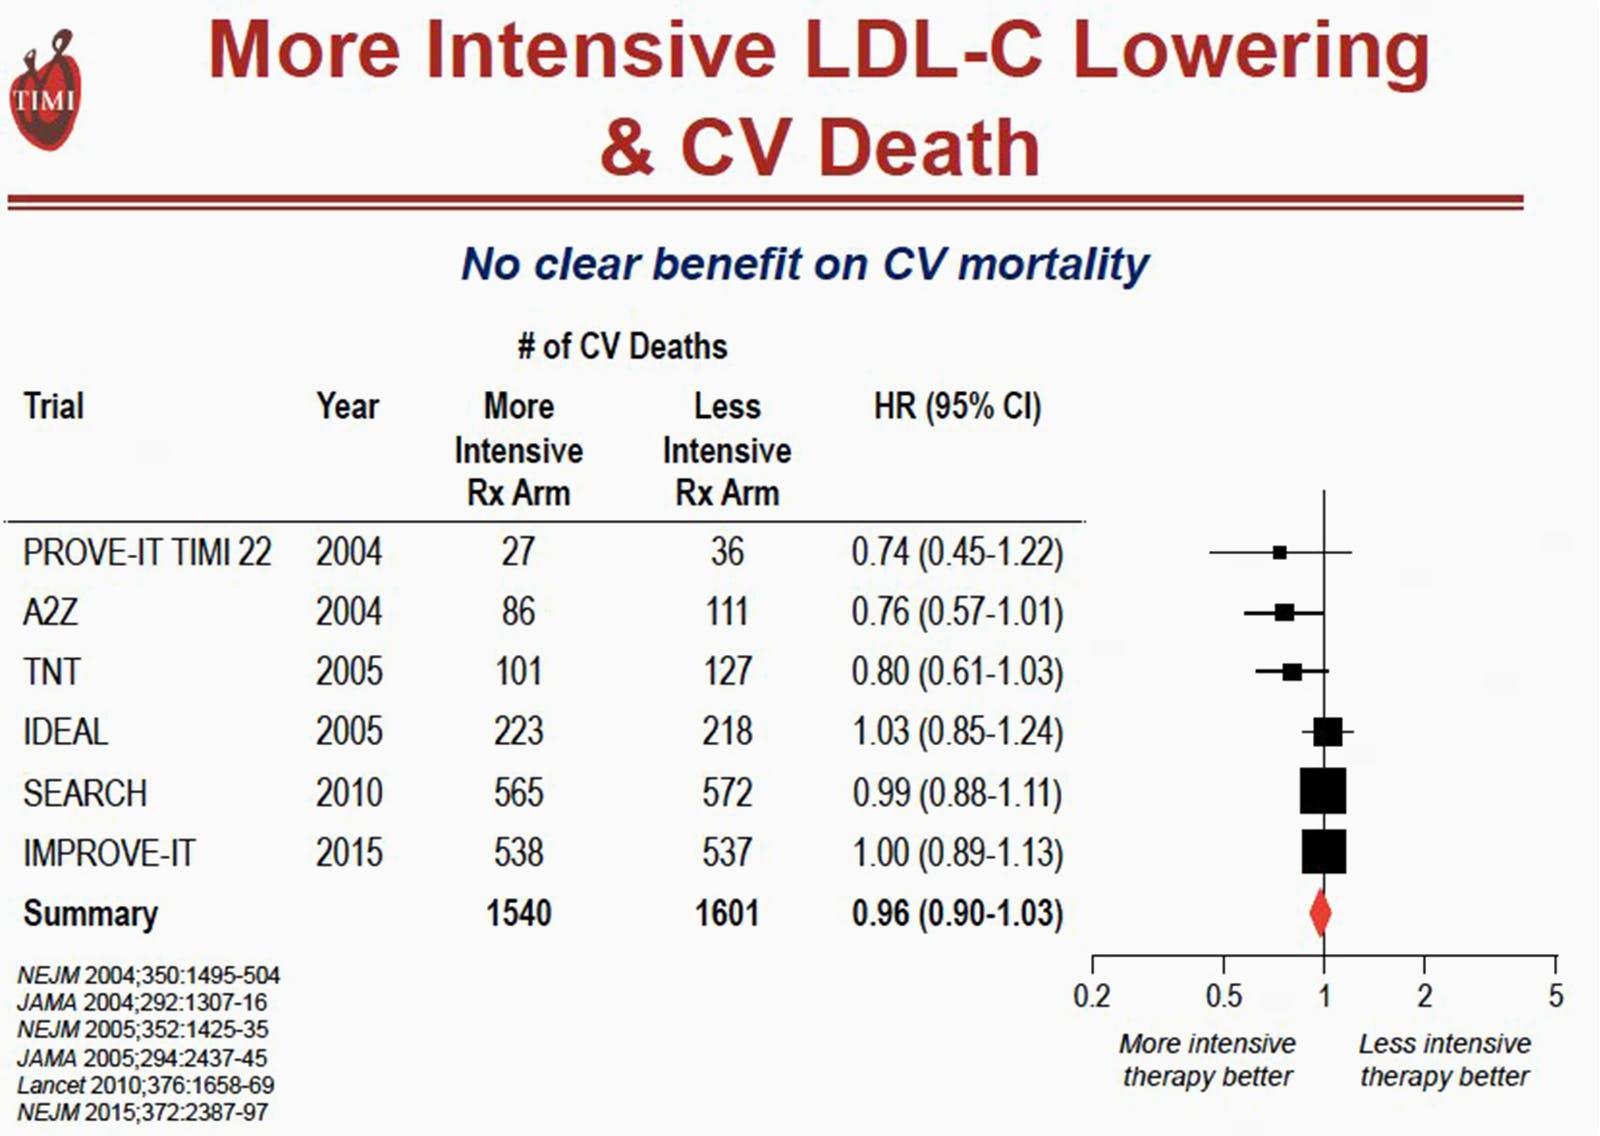 Ingen nedgång i död i hjärtsjukdom, trots intensiv medicinering